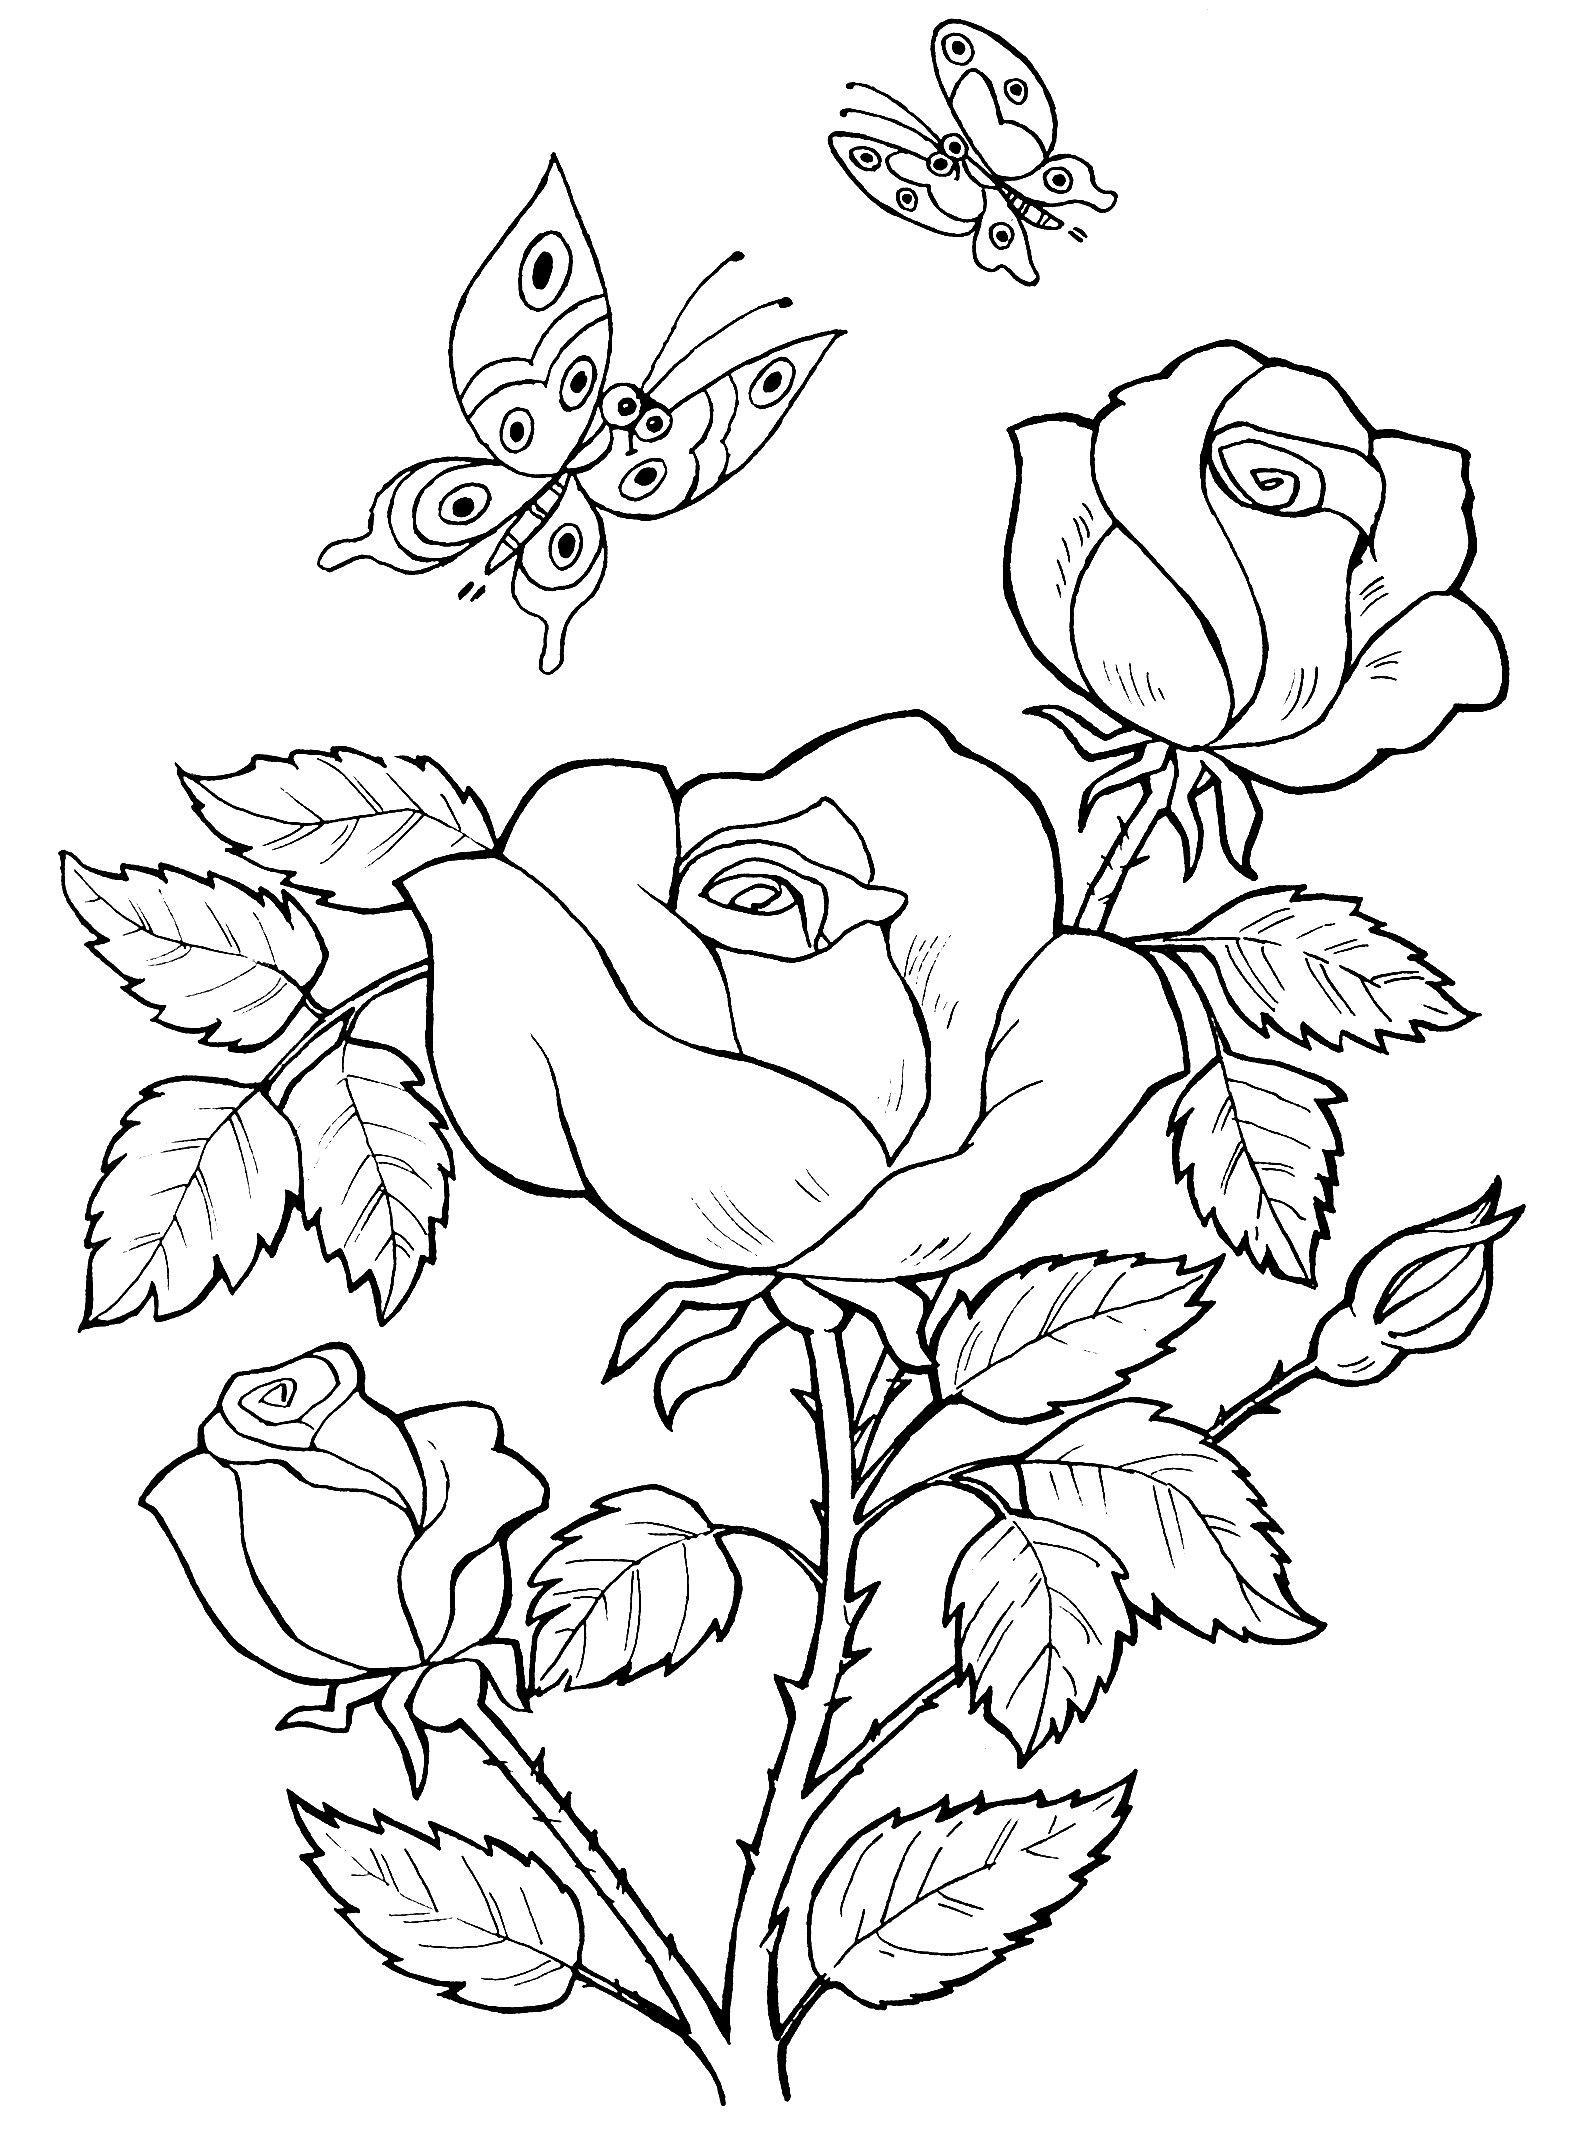 Две бабочки летают над кустом роз Раскраски с цветами распечатать бесплатно